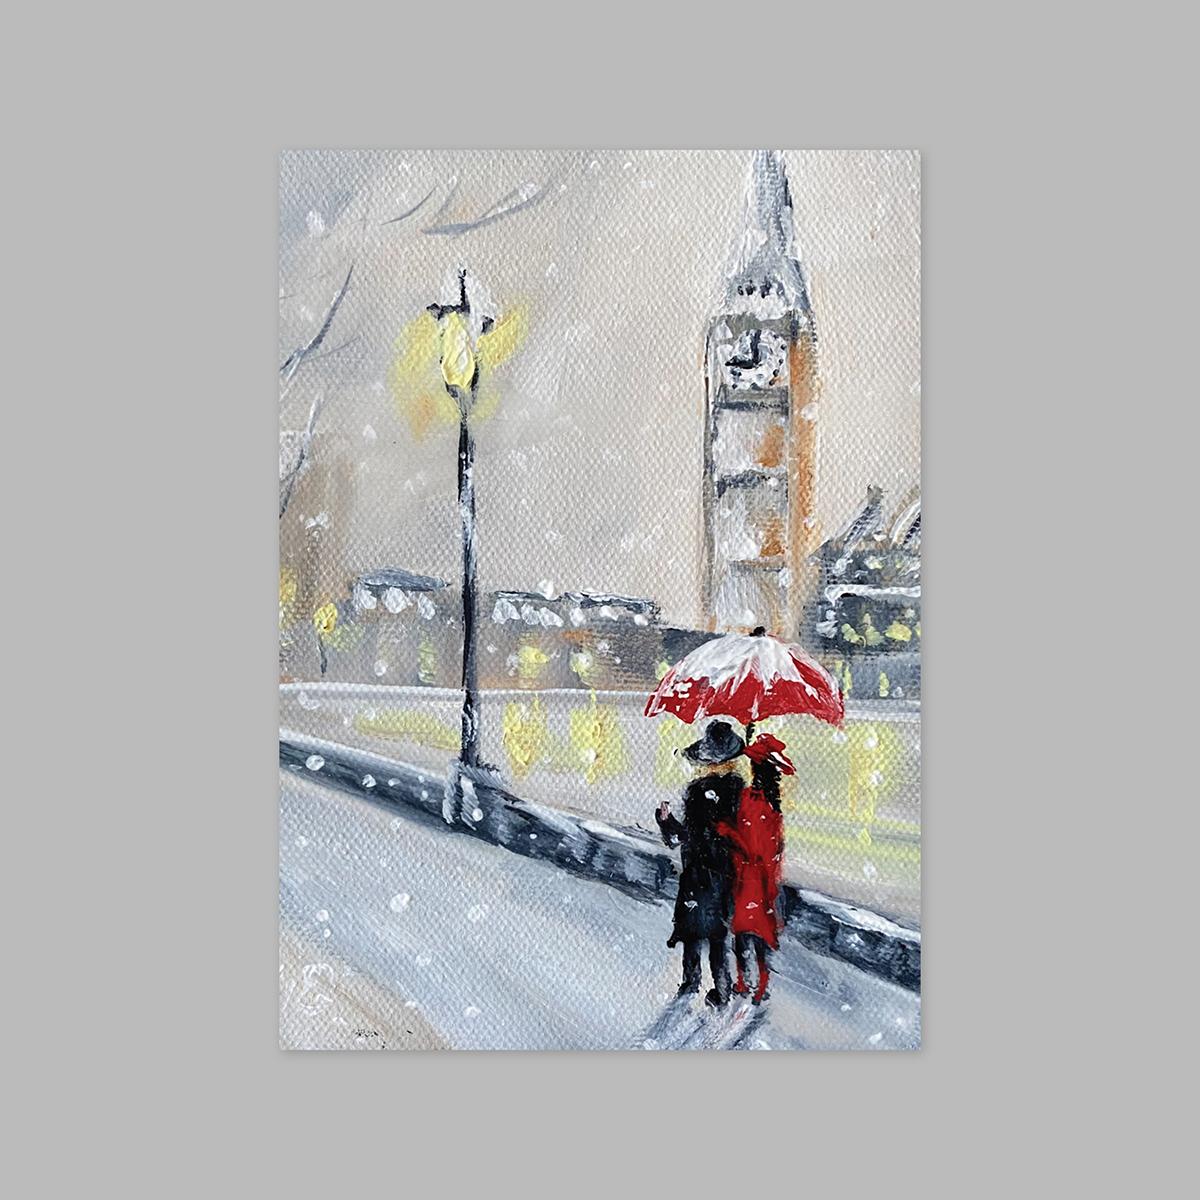 Big Ben by Lynne Pinchin